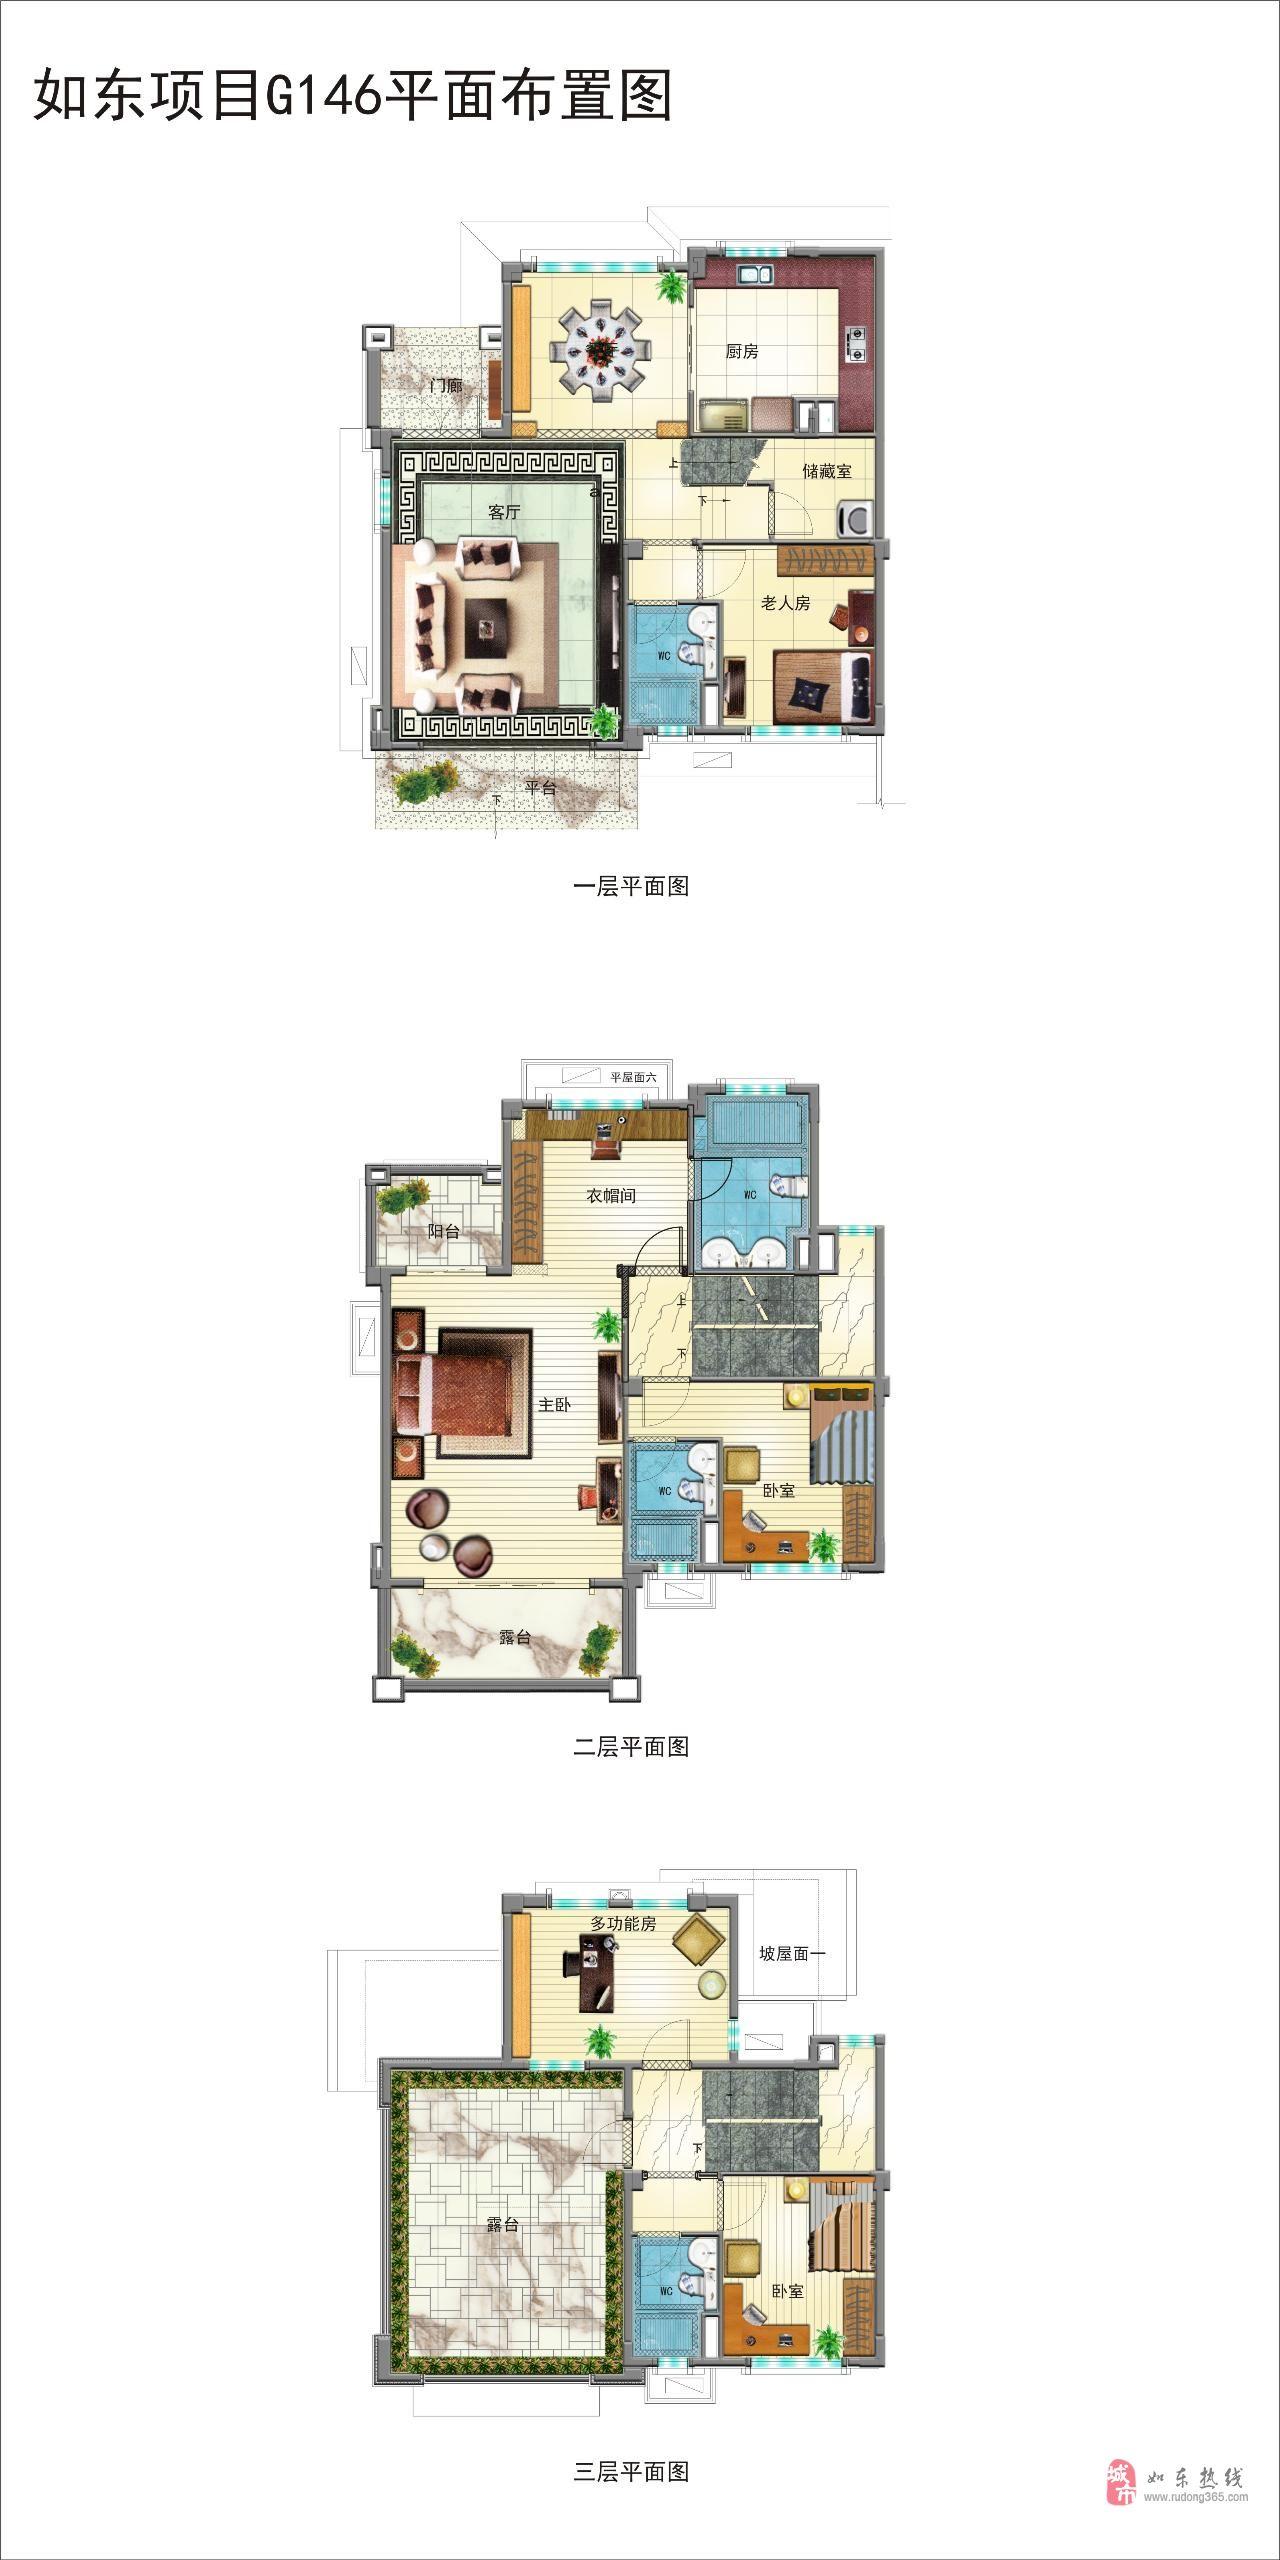 澳门太阳城平台碧桂园的户型图和大家分享